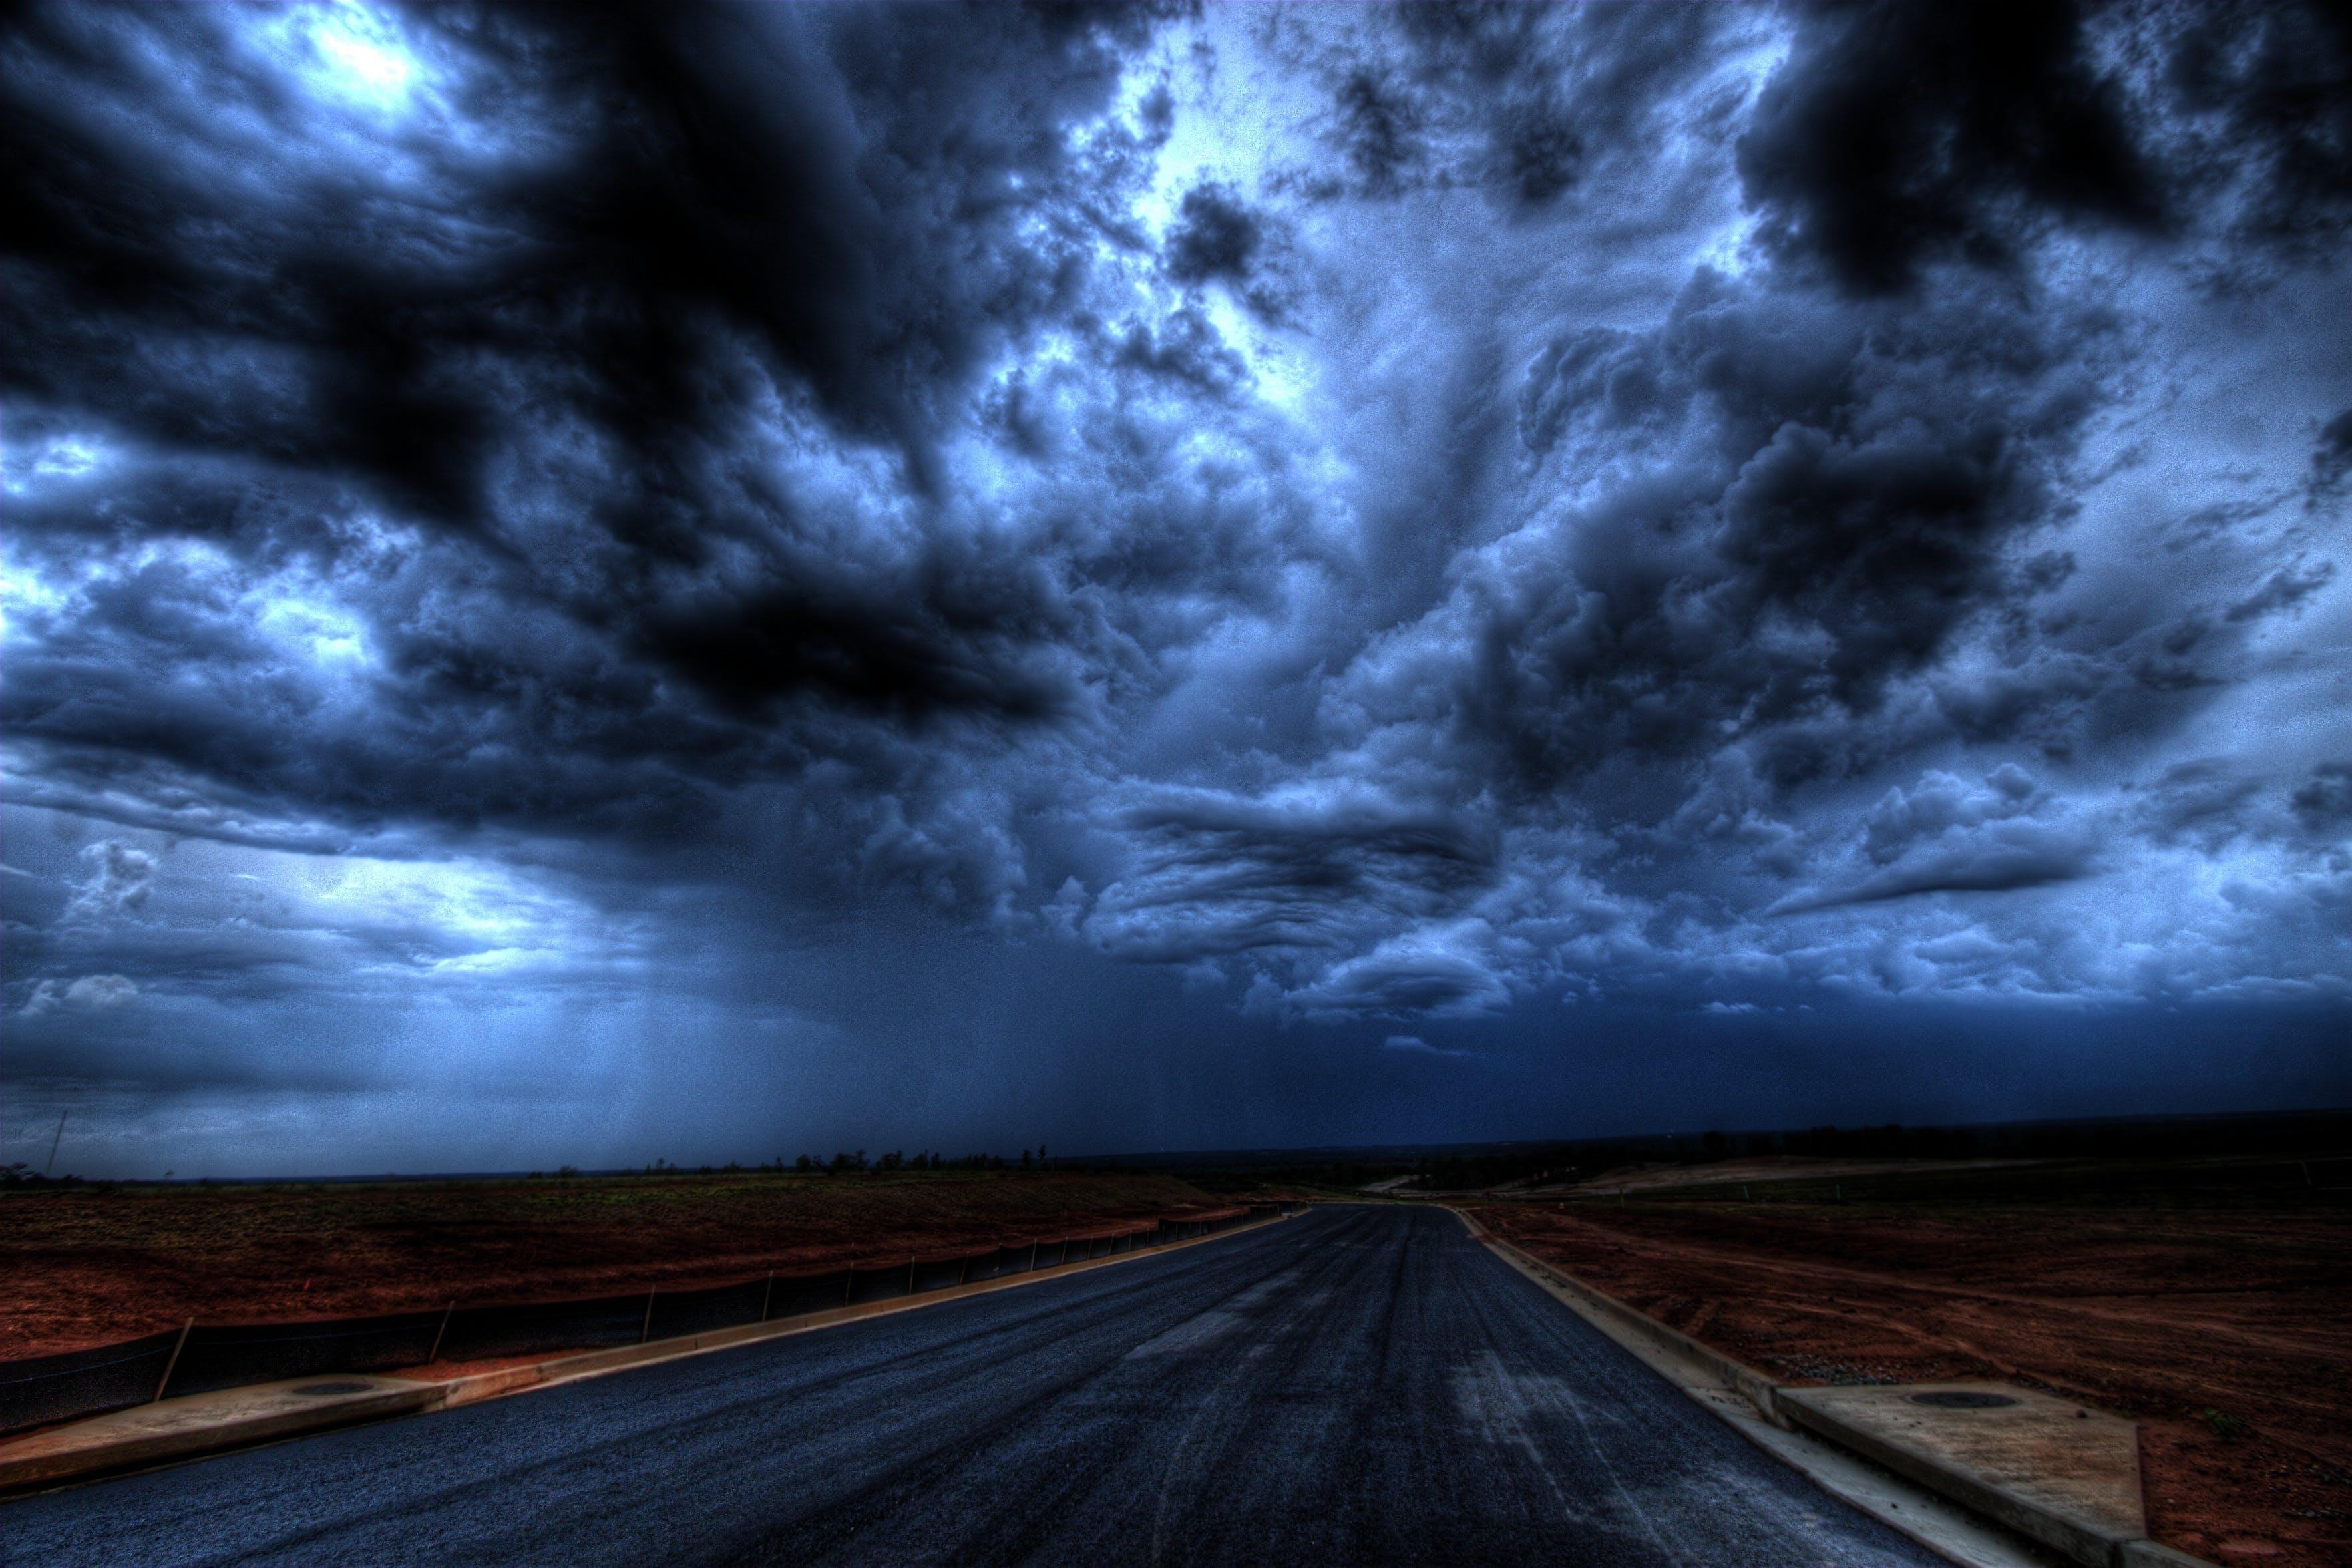 clouds, dark, dark clouds